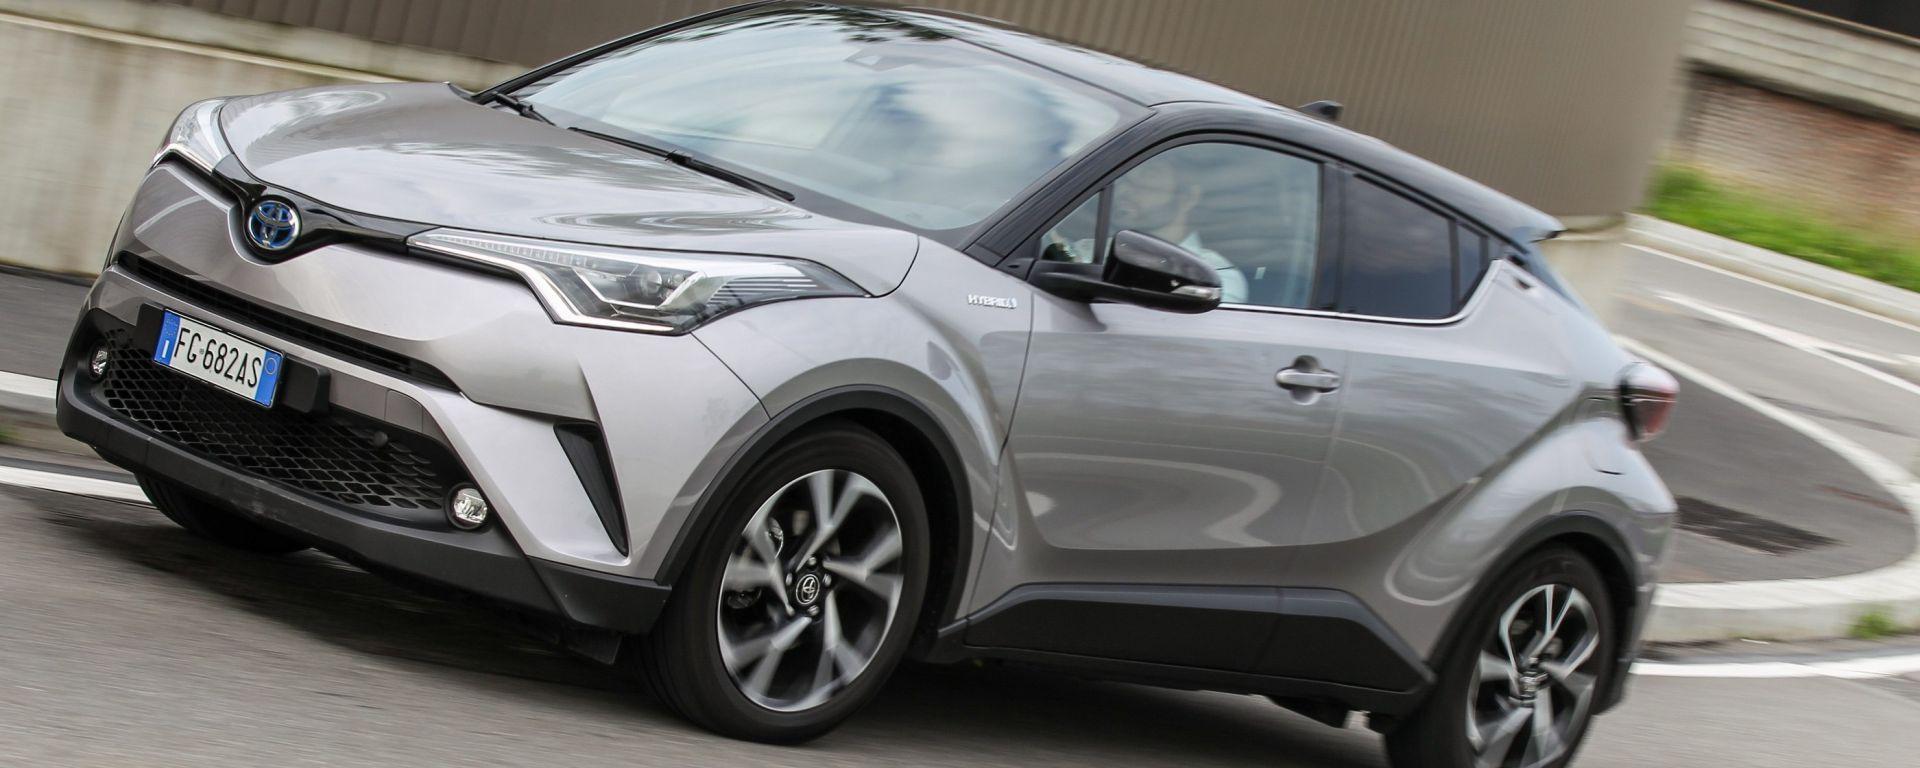 Toyota C-HR Hybrid 1.8 ECVT 4x2 Style: la prova dei consumi